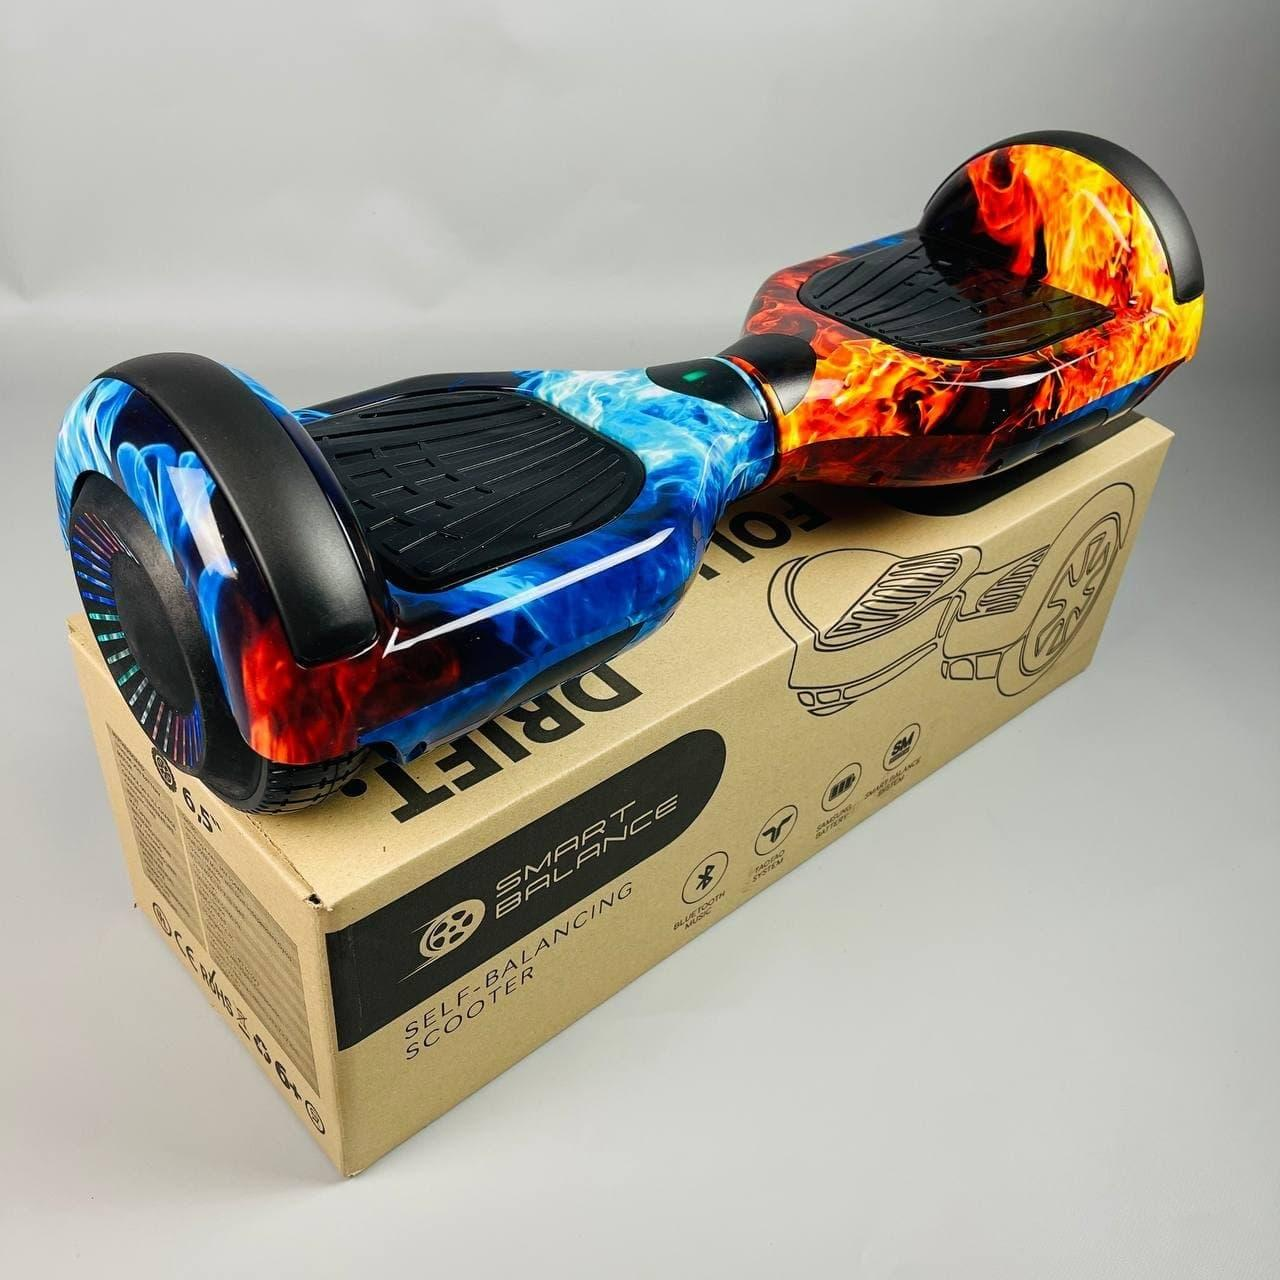 Гироскутер Smart Balance Wheel Pro 6.5 Вогонь і лід самобаланс | Гироборд Смарт Баланс маленький різнобарвний